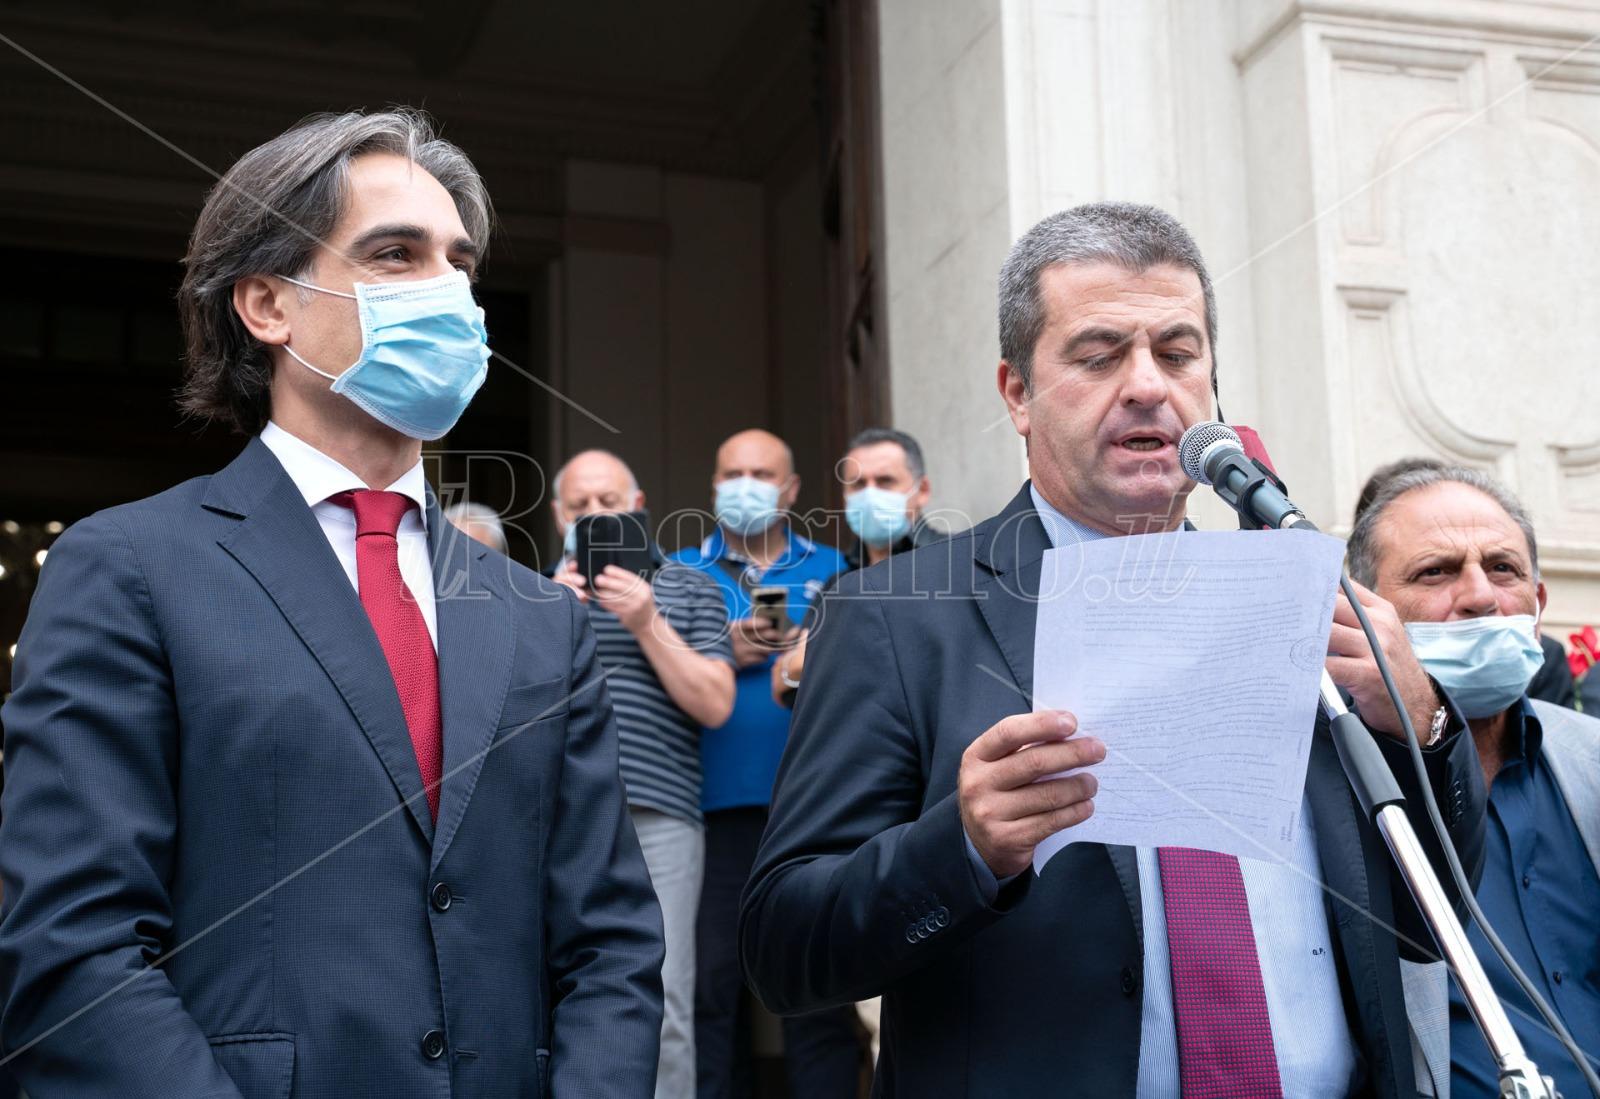 Elezioni Reggio Calabria, Falcomatà proclamato sindaco. E a sorpresa spunta Minicuci